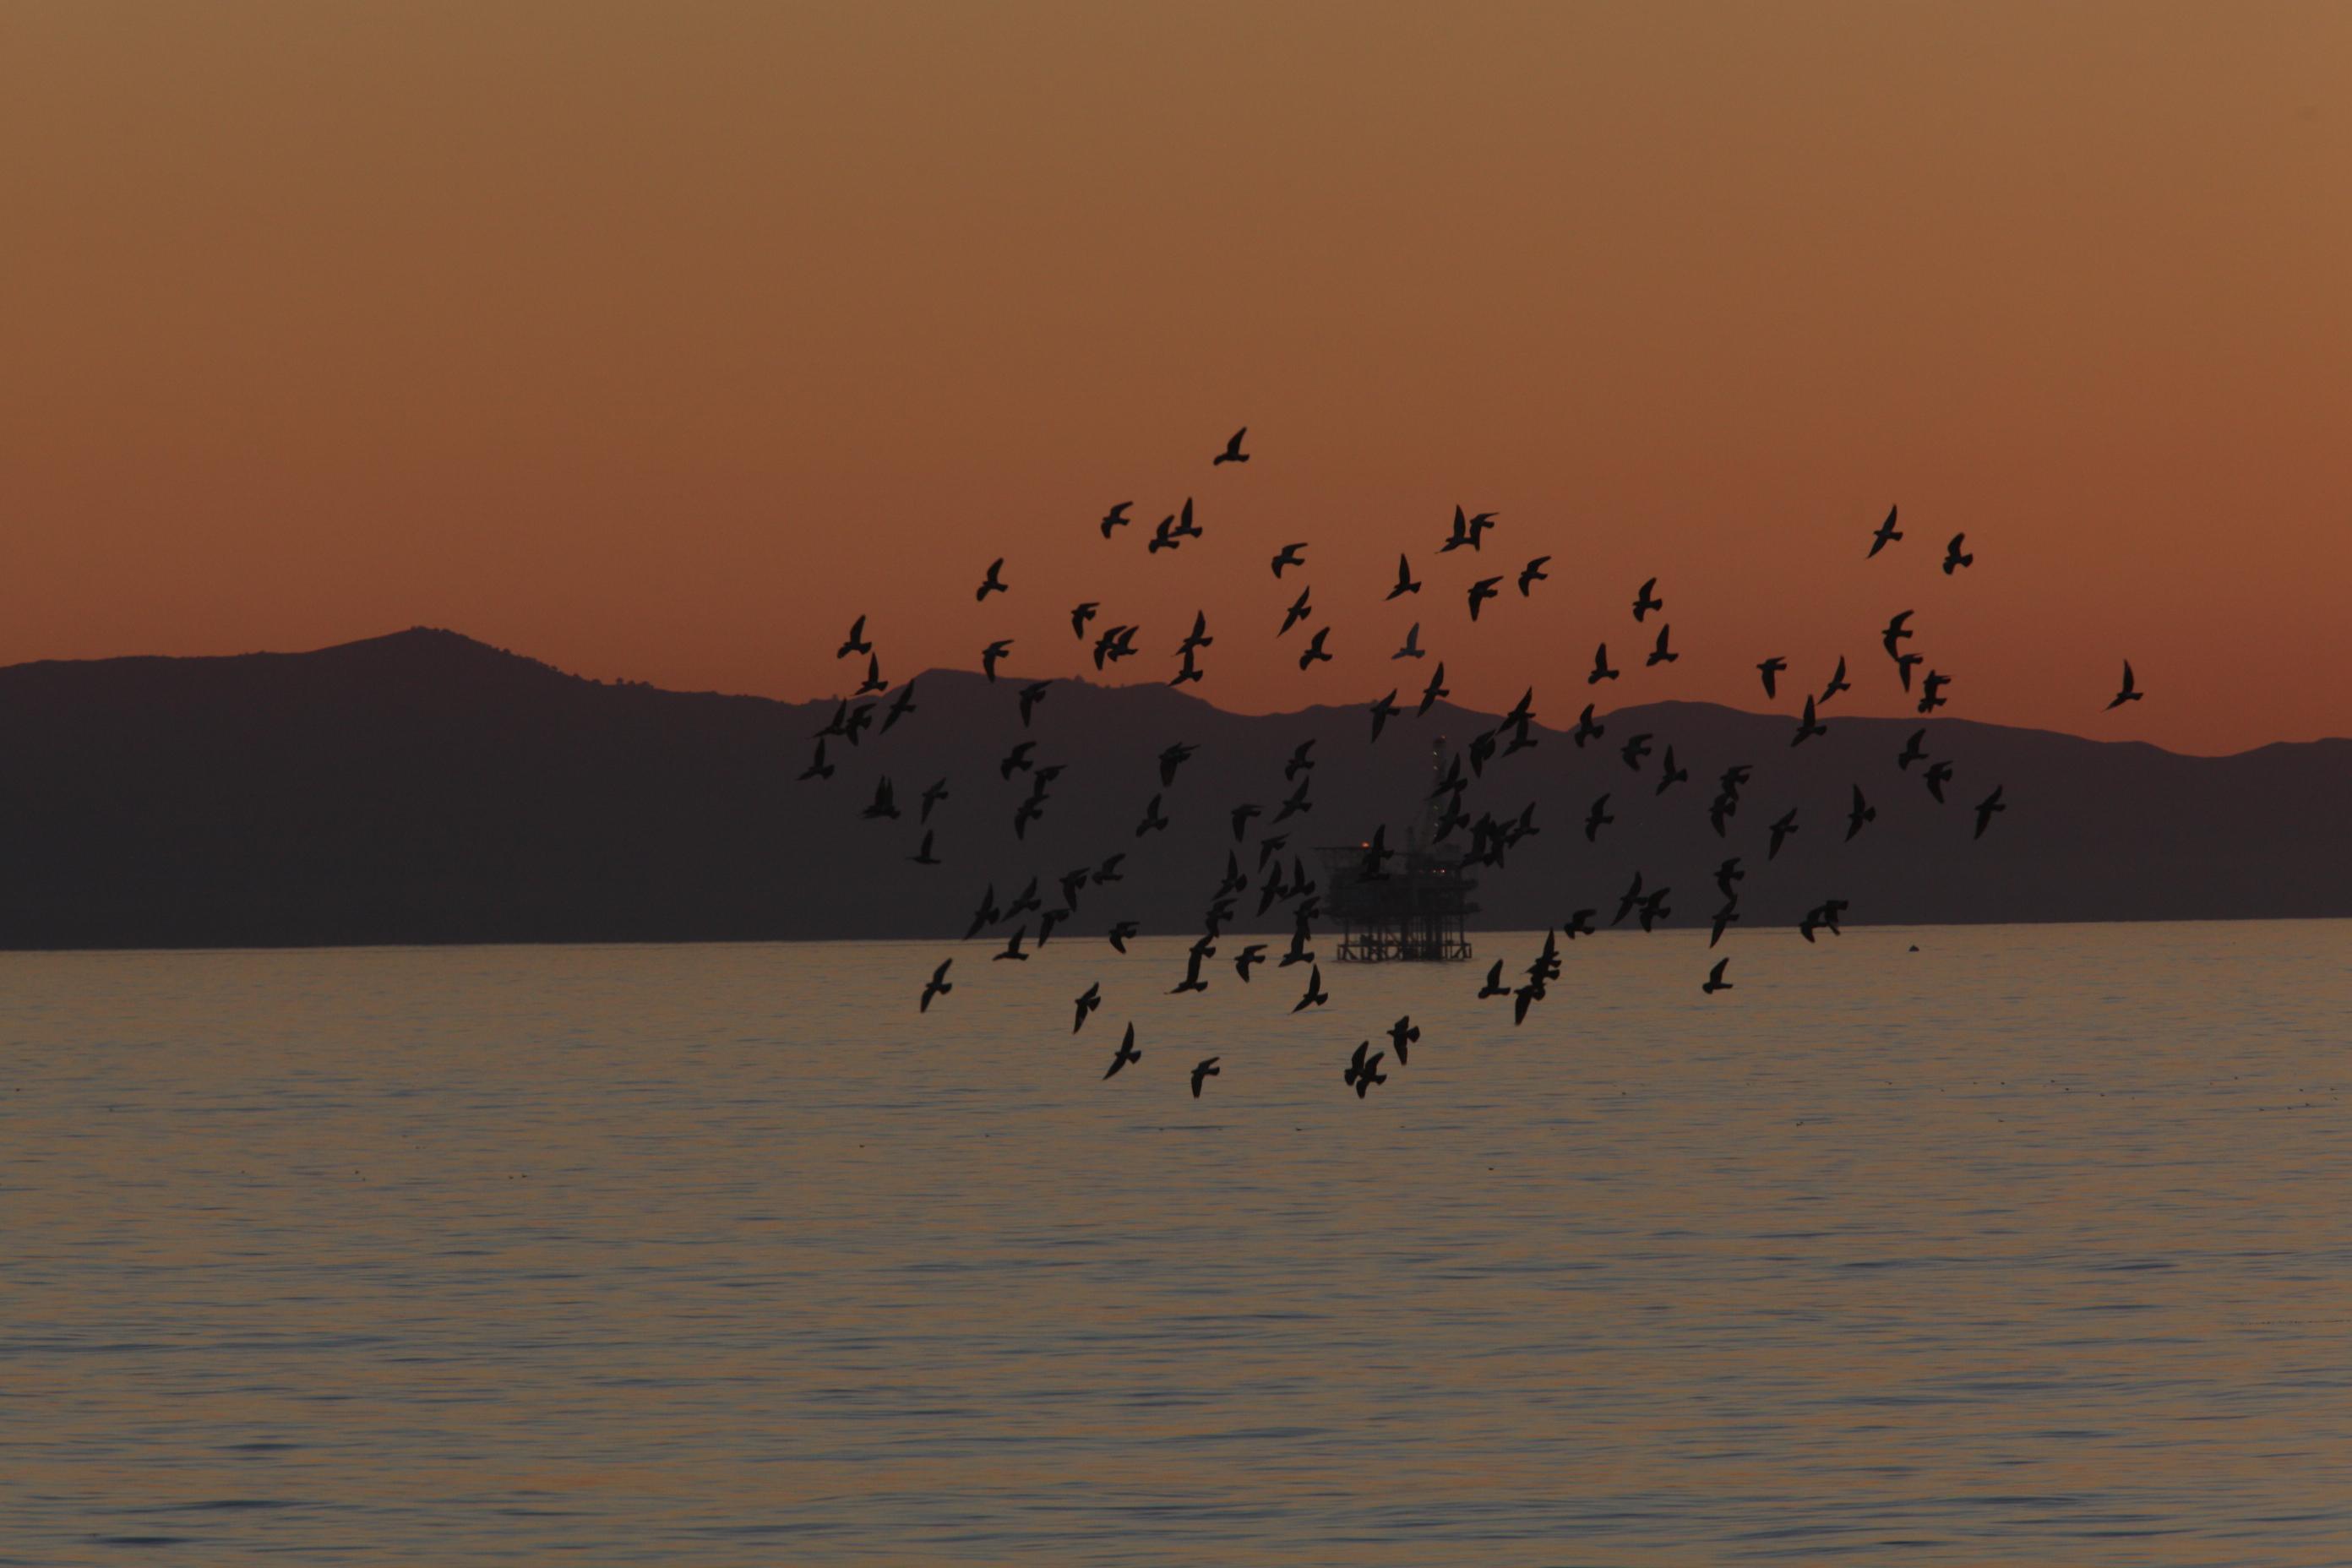 Carp+Bluffs+Birds+at+Sunset